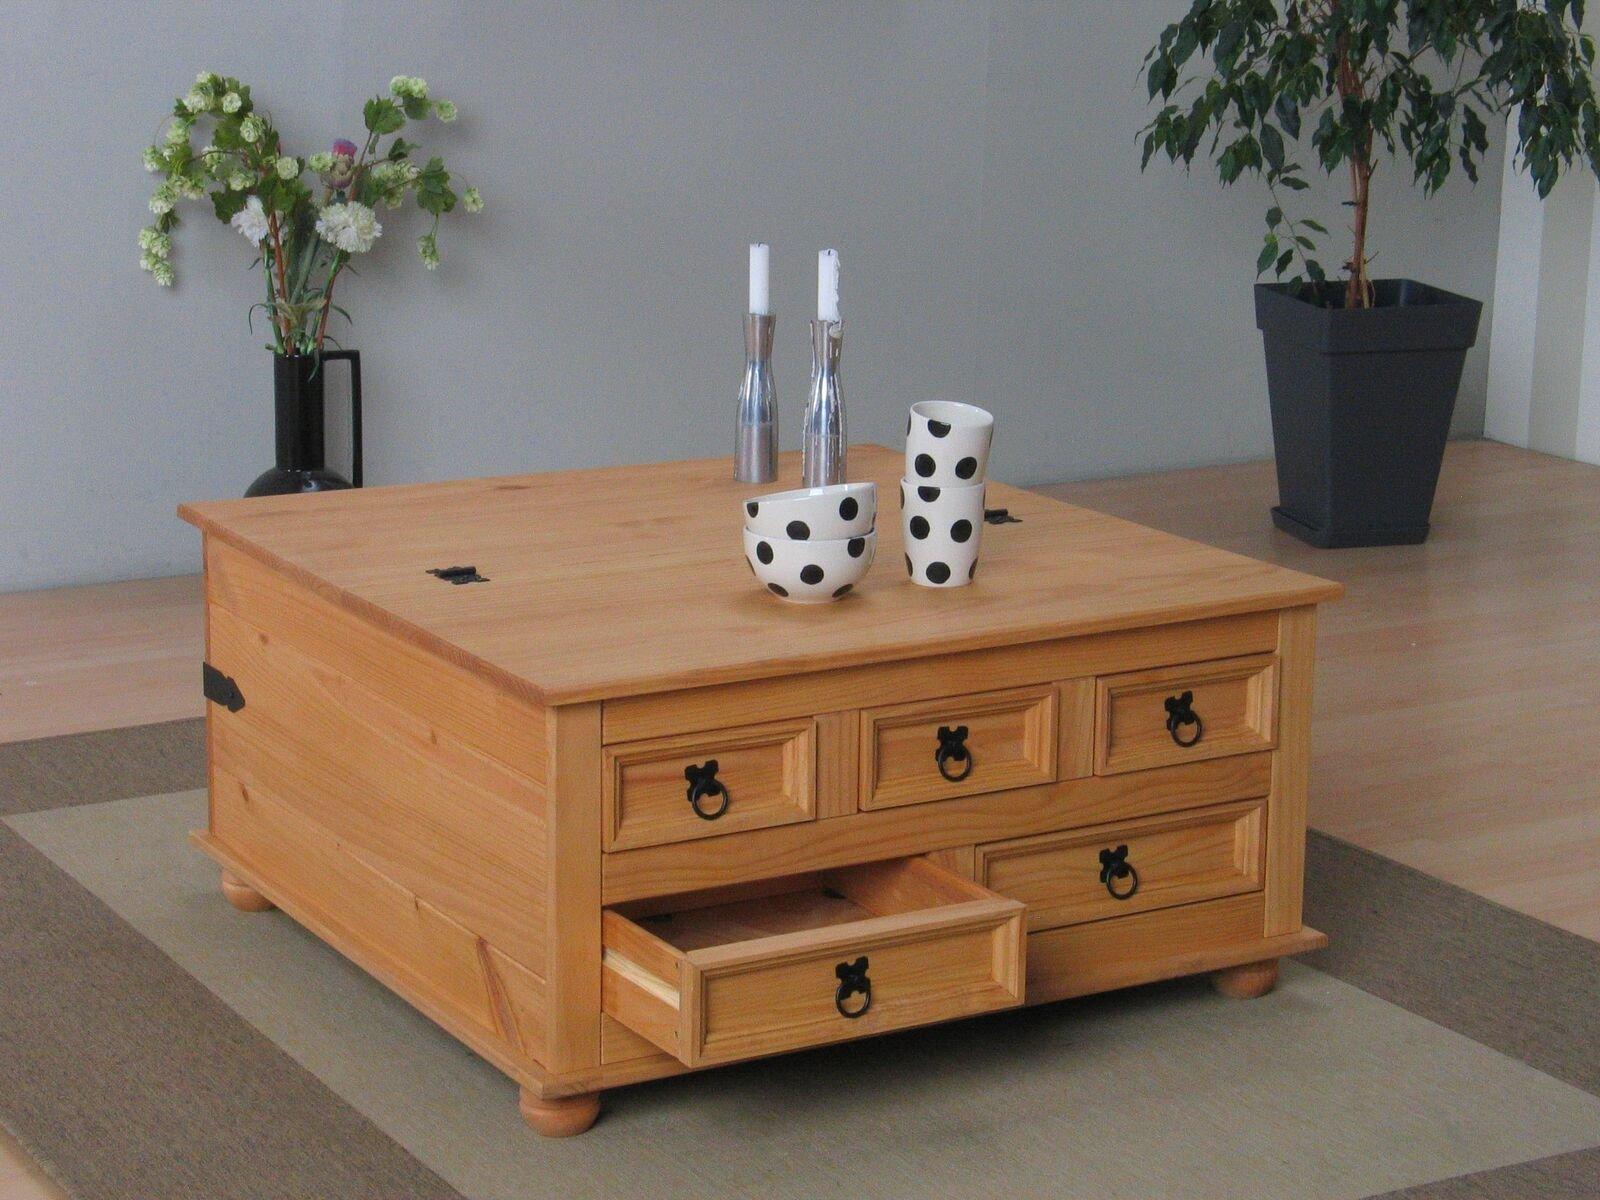 kiefer truhentisch new mexico wohnzimmer couchtisch wohnzimmertisch tisch massiv m bel wohnen. Black Bedroom Furniture Sets. Home Design Ideas